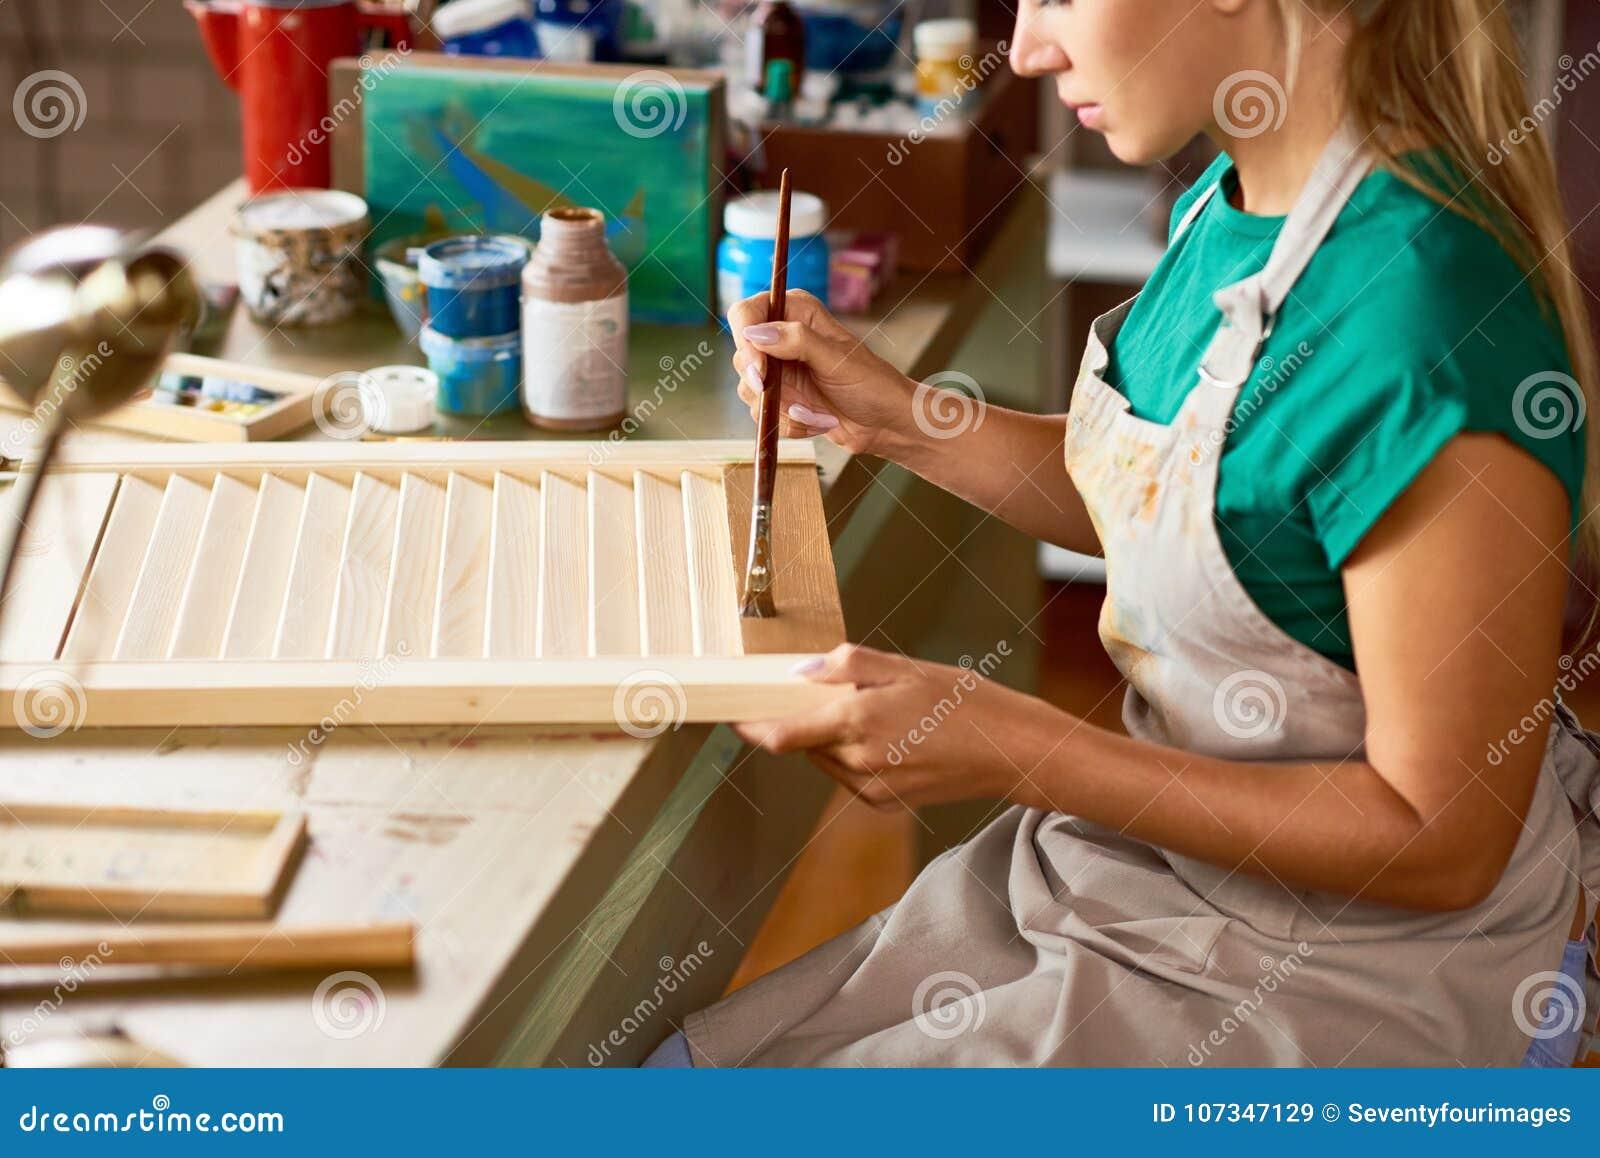 Młoda Kobieta Cieszy się Wykonywać ręcznie w studiu